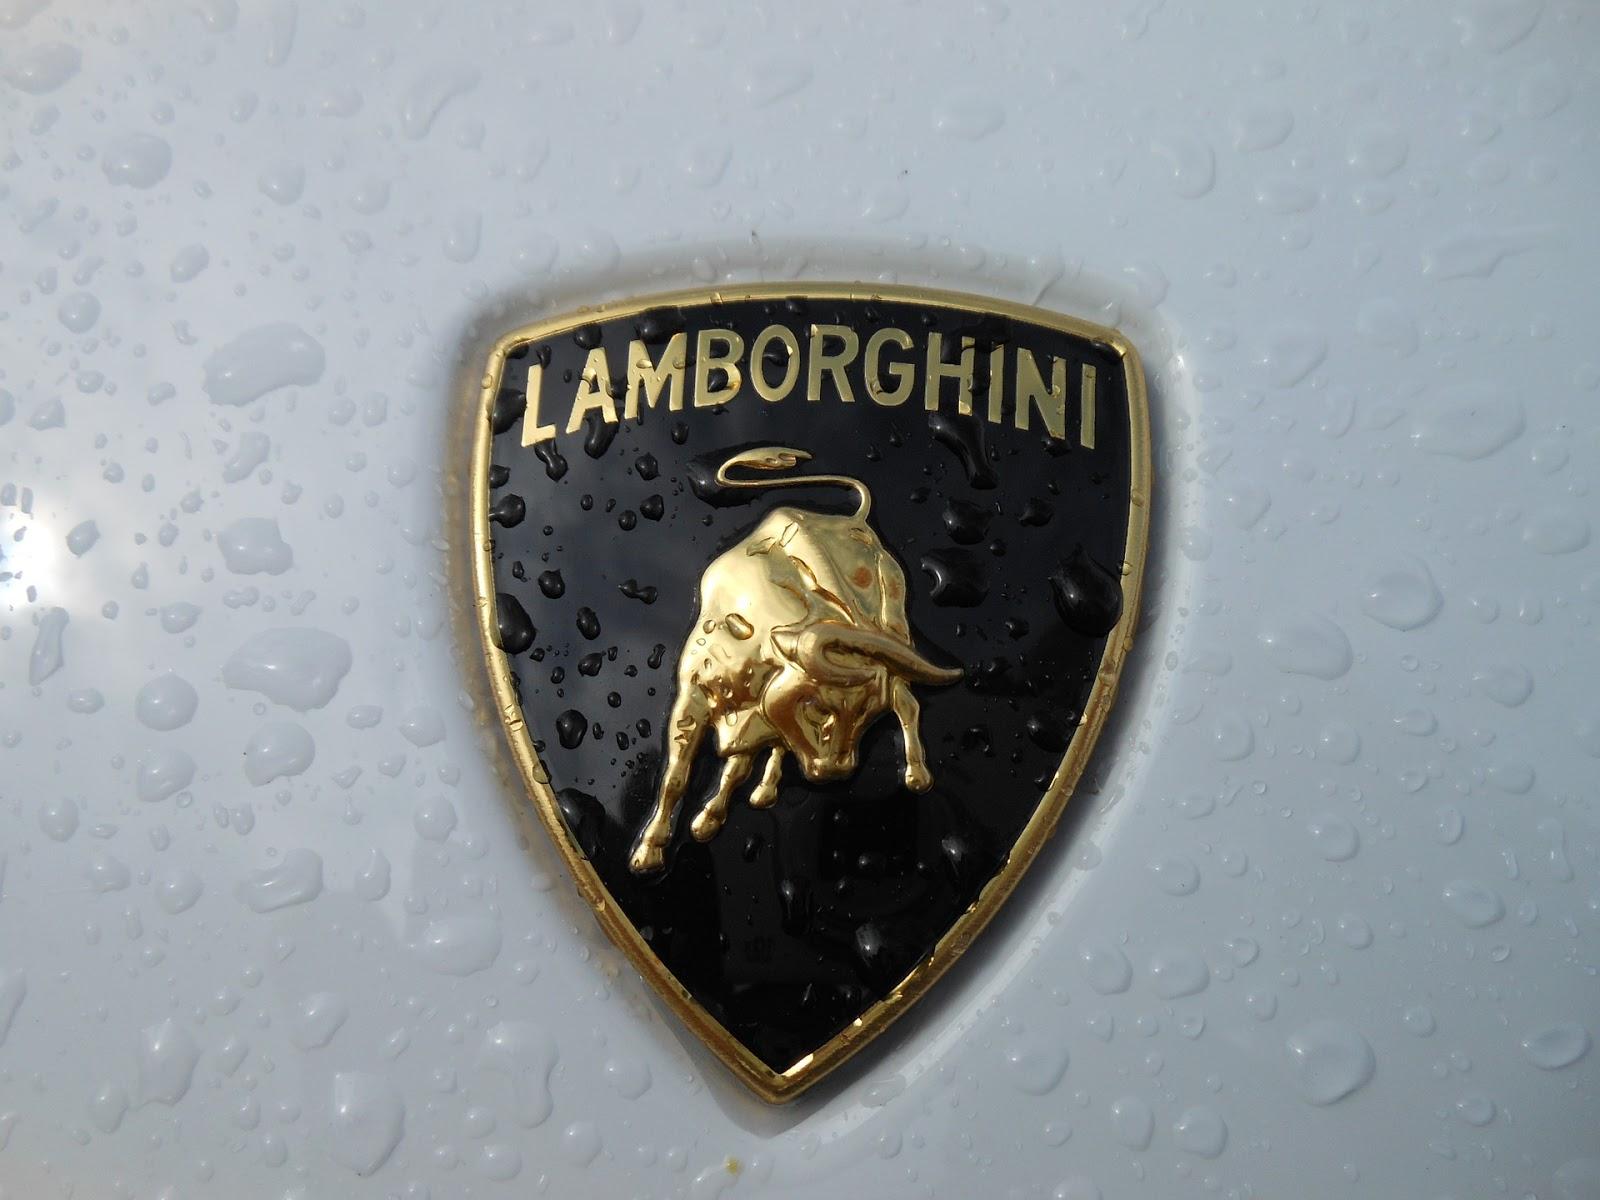 Lamborghini All Models